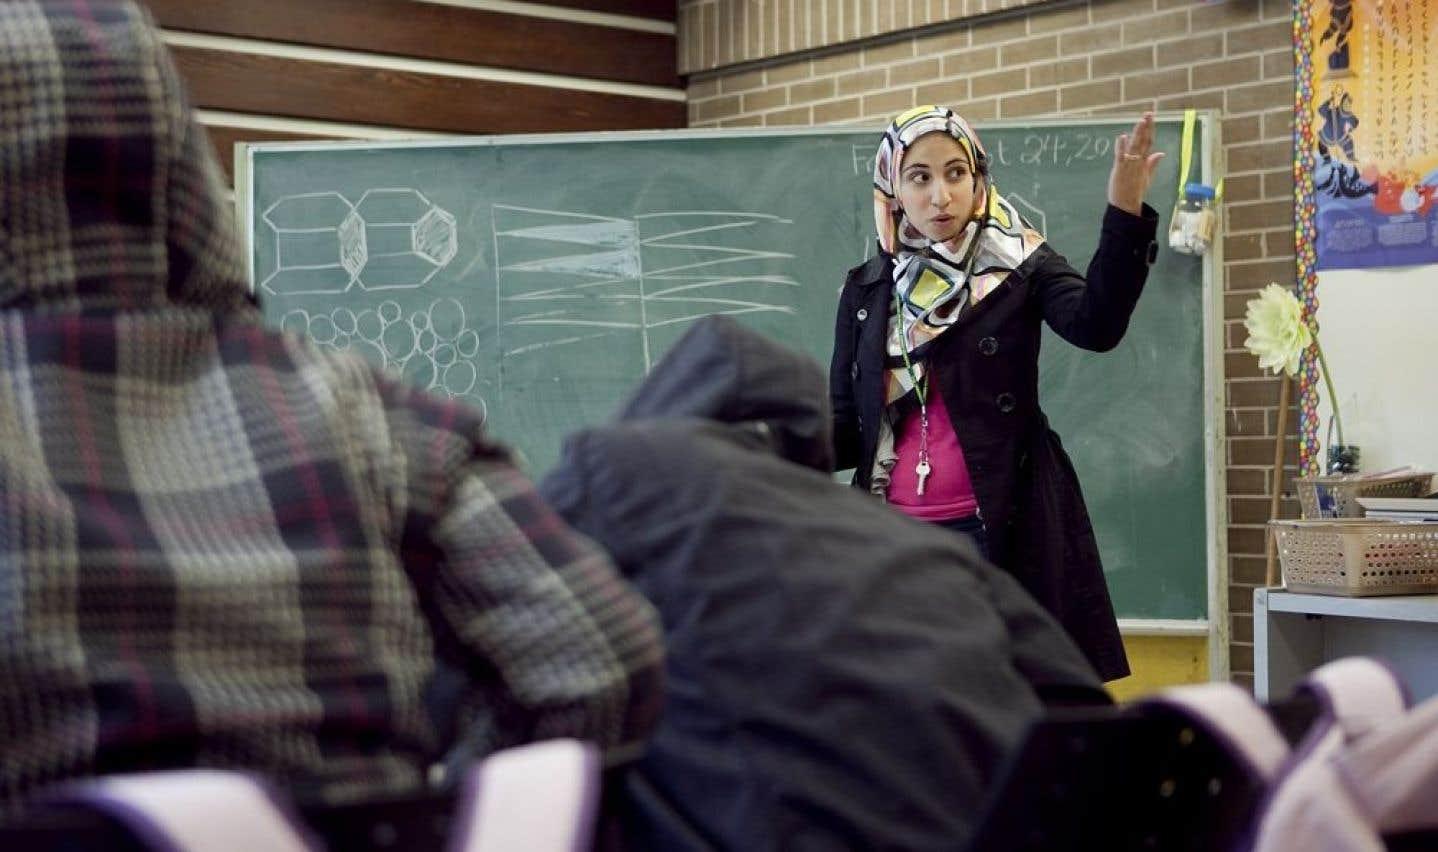 Charte des valeurs - Conflit en vue entre Québec et les enseignants